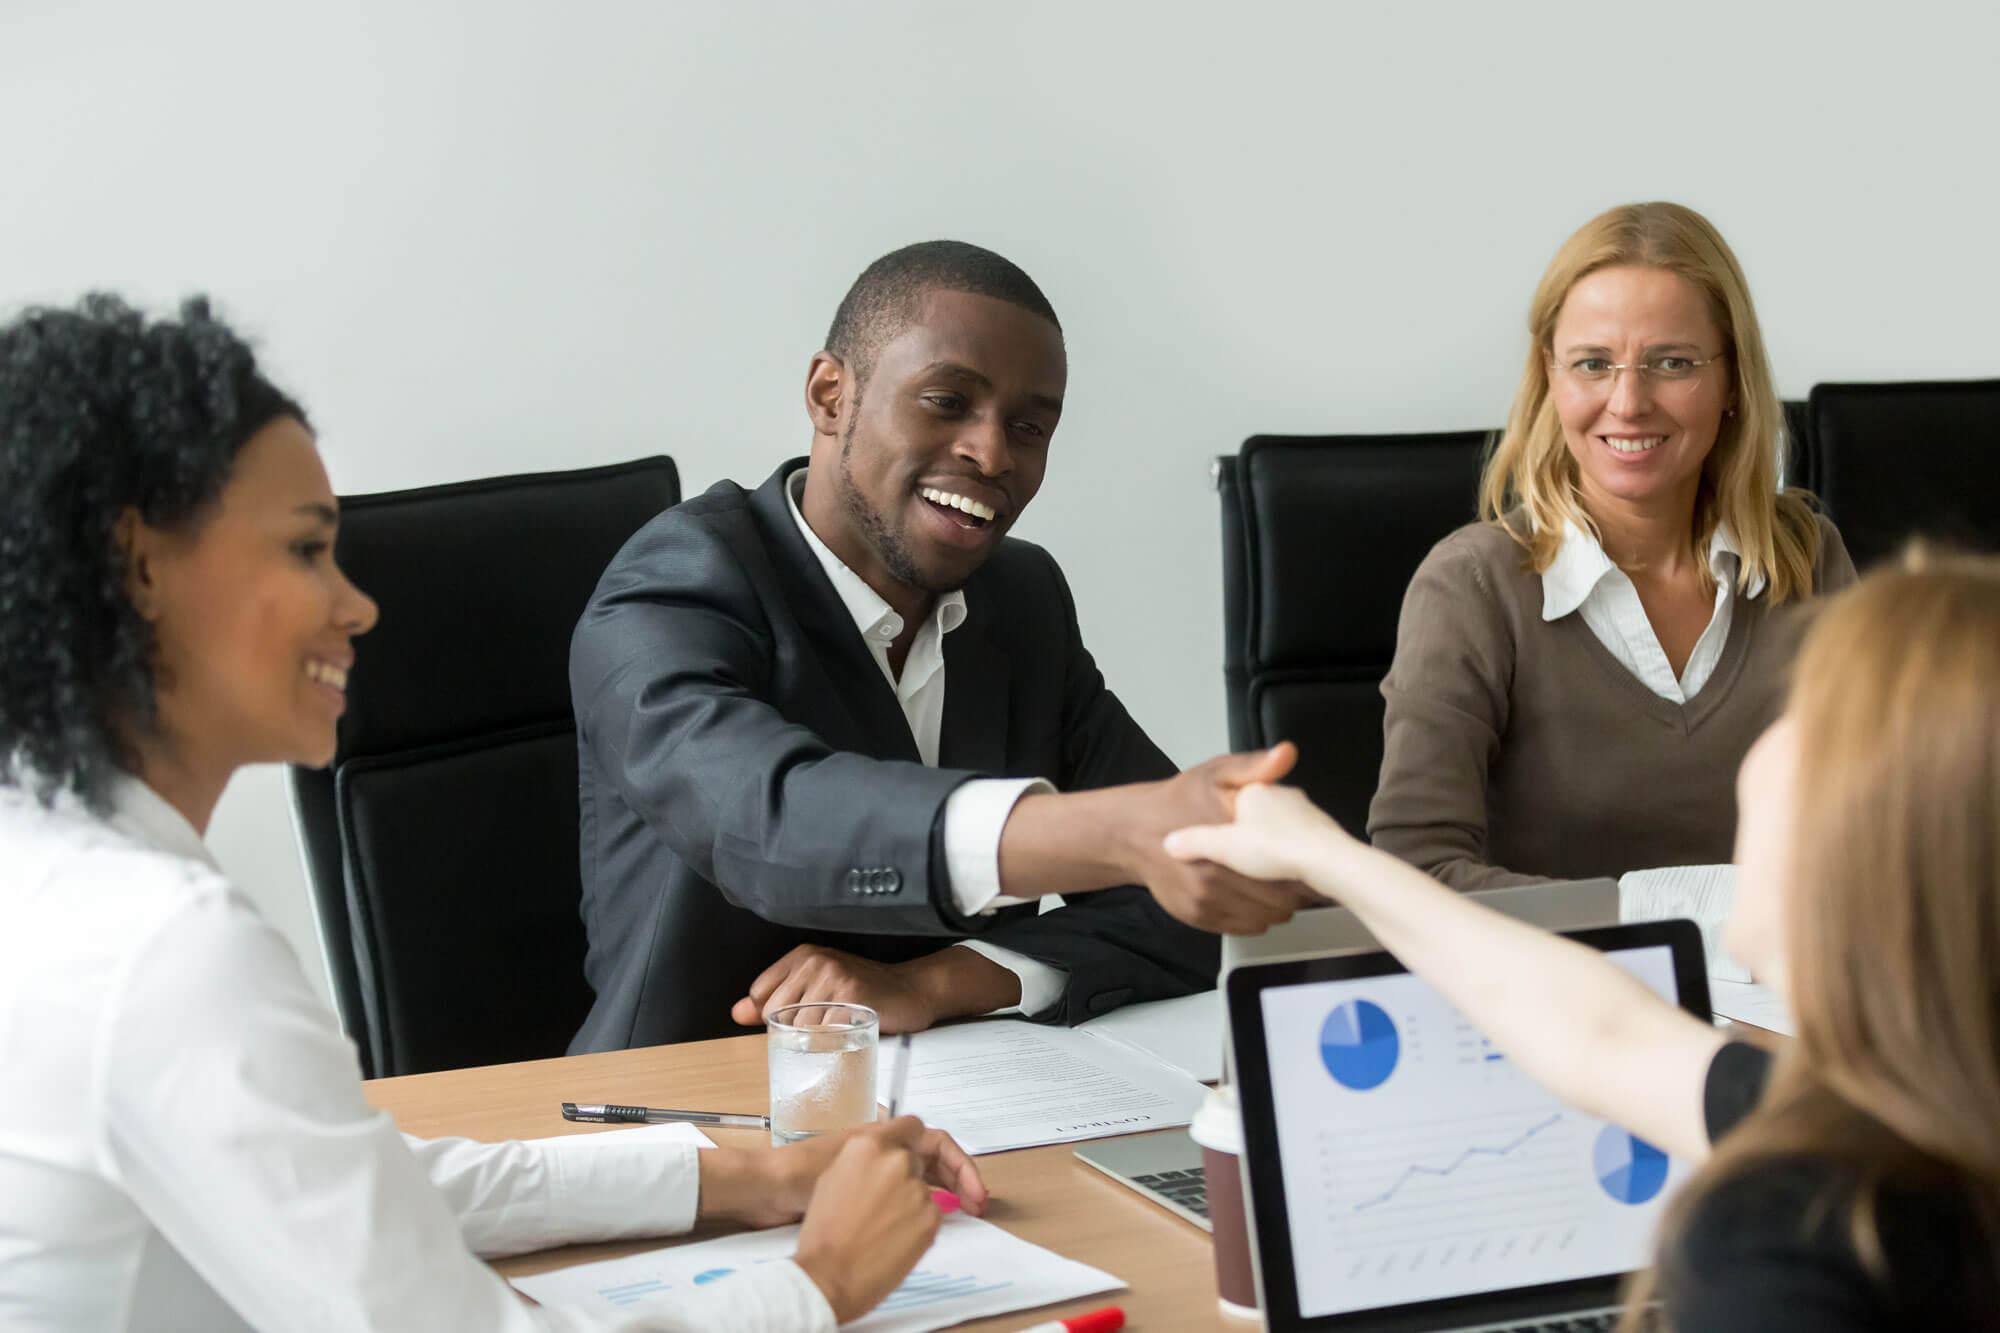 Bewerbungsgespräch im Team